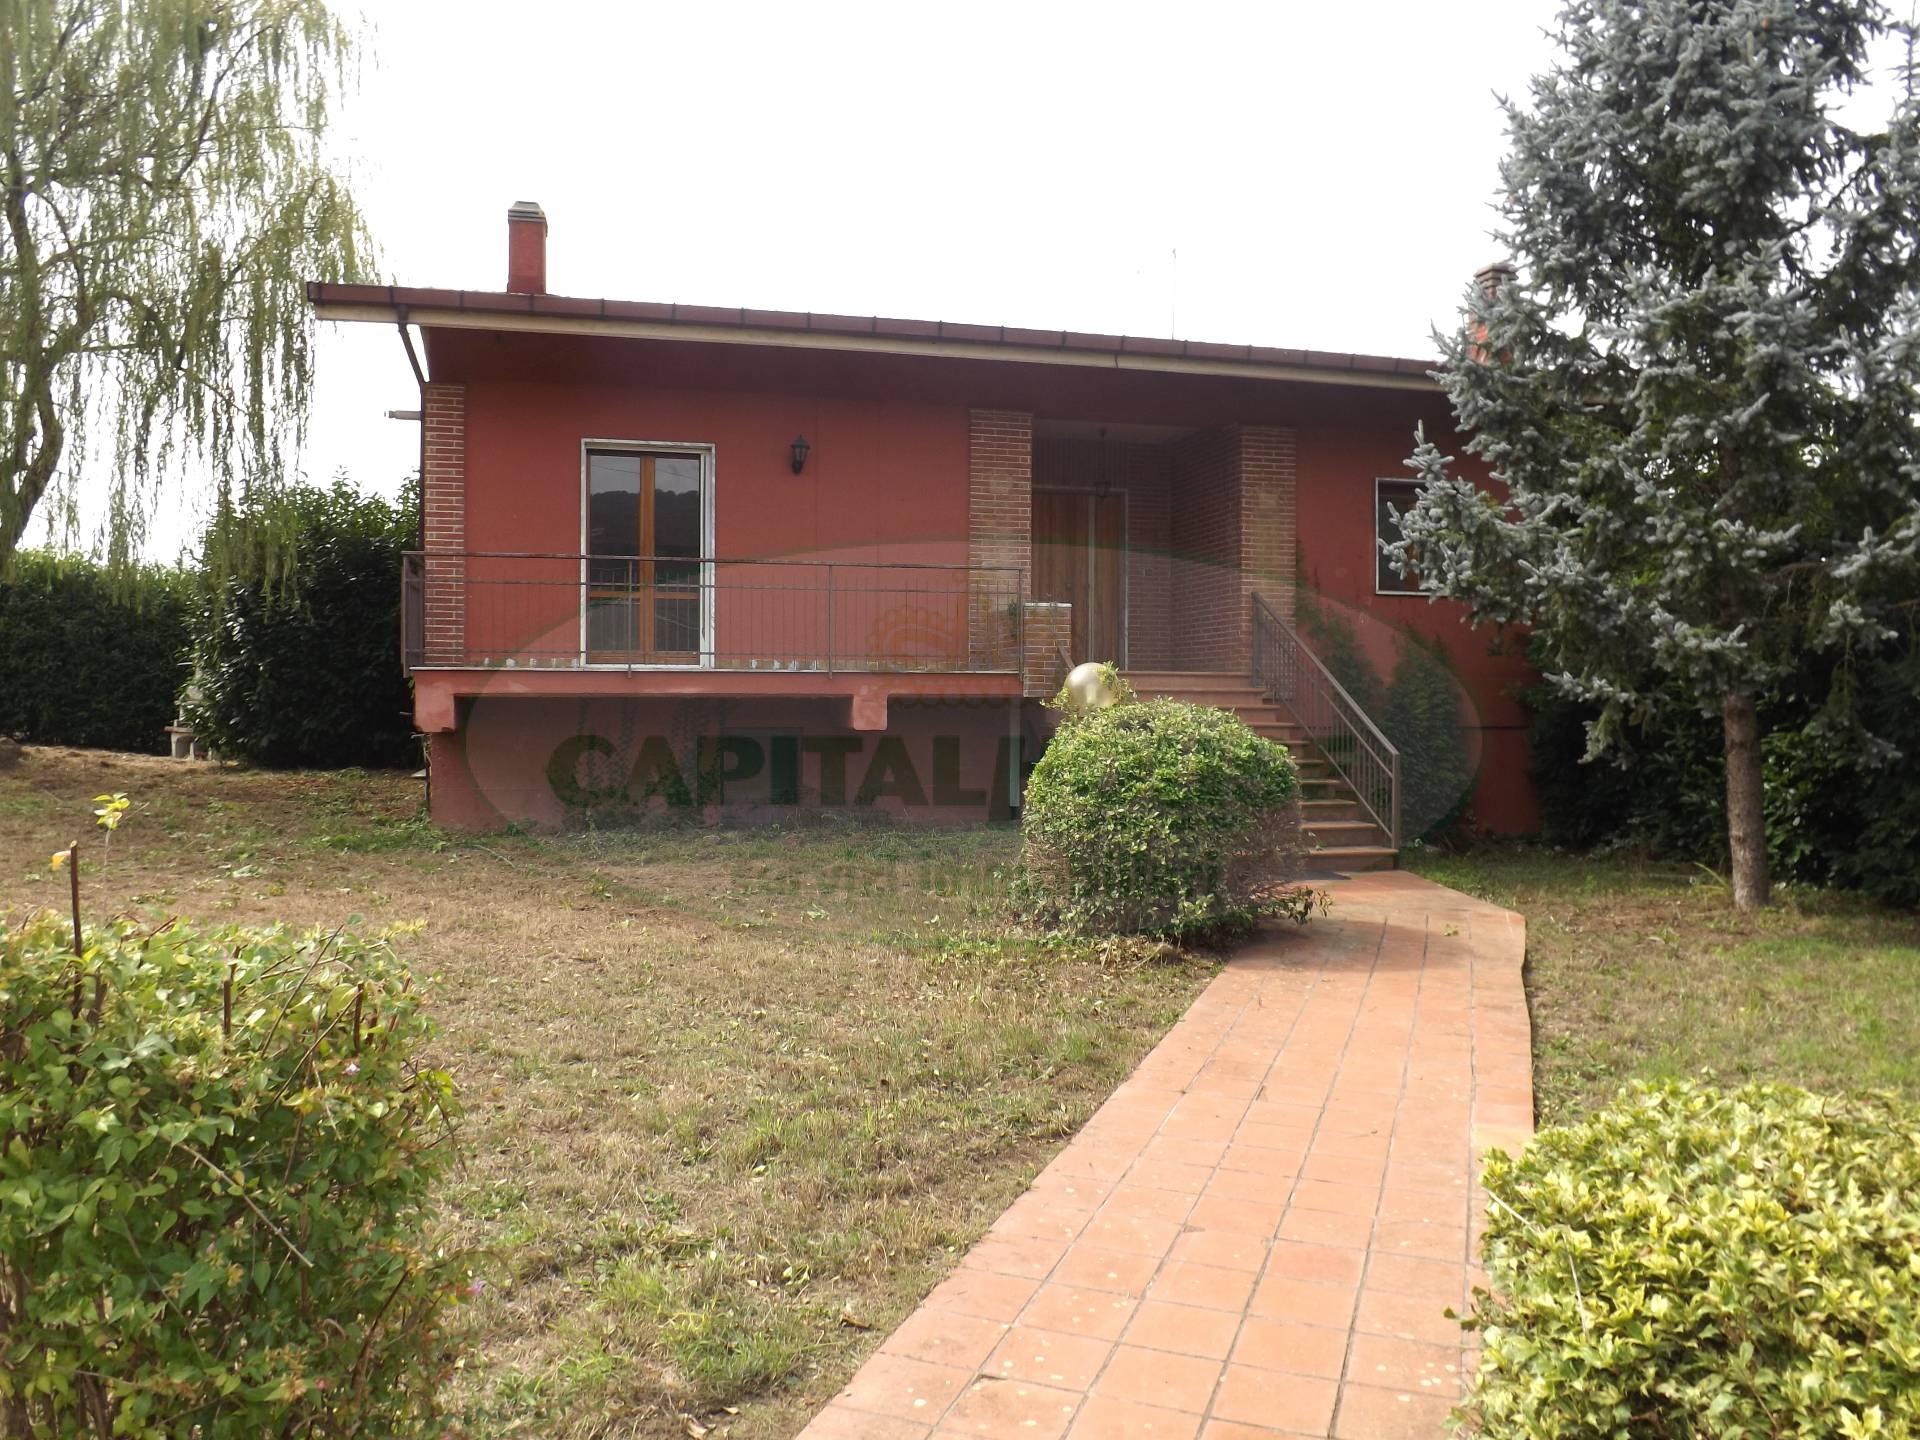 Villa in vendita a Manocalzati, 4 locali, prezzo € 135.000 | Cambio Casa.it